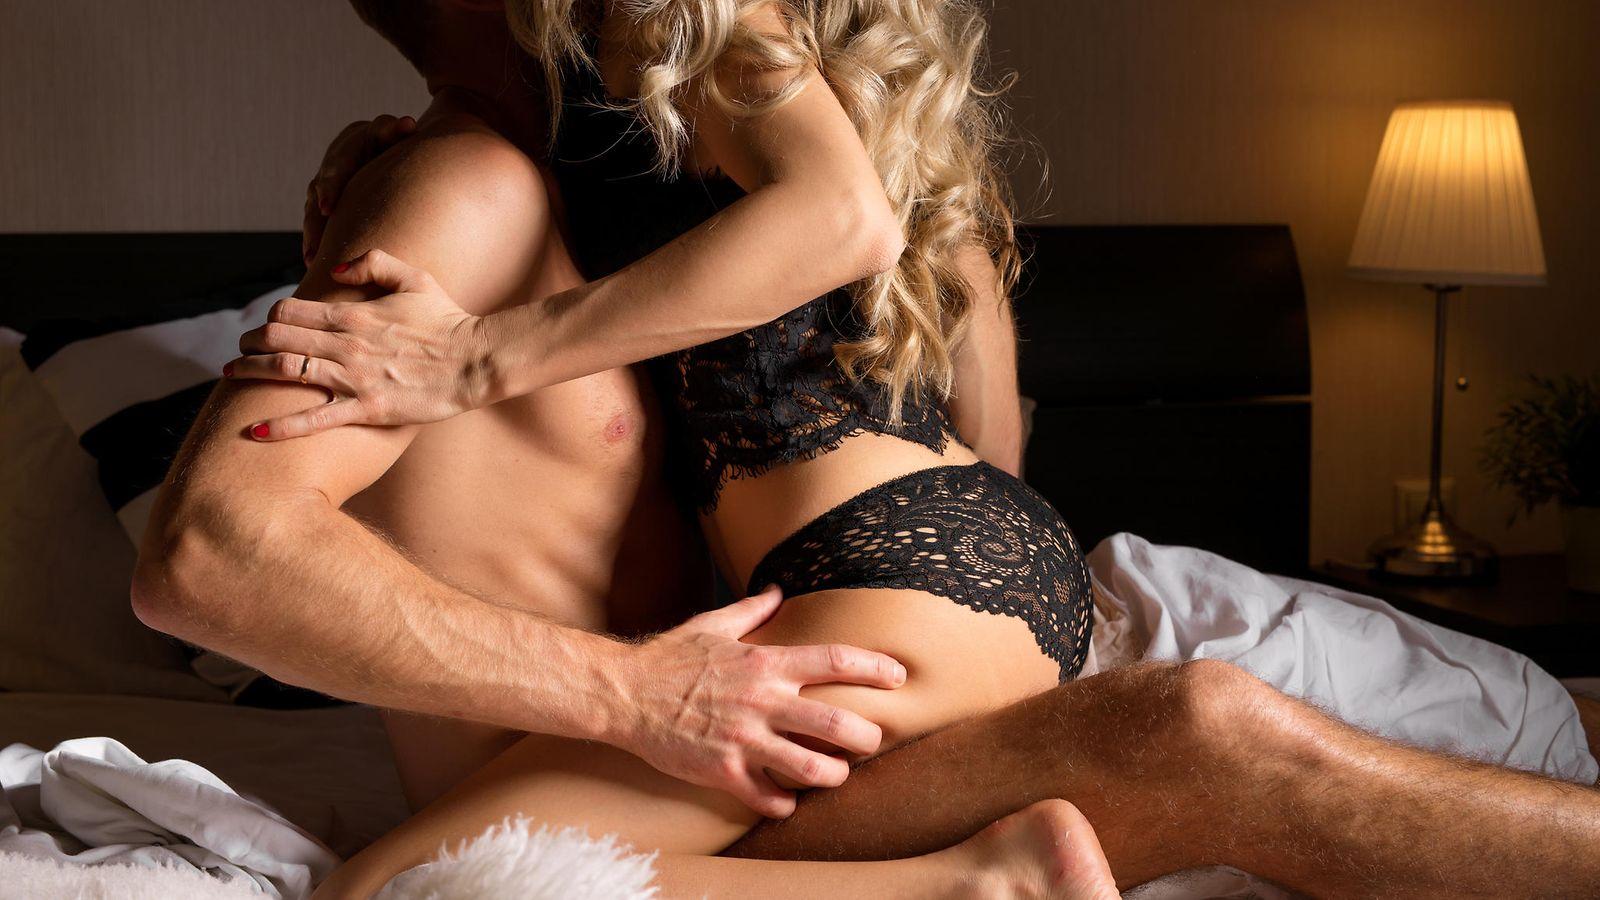 anaali seksiä varoitus vapaa lyhyt musta sex videos